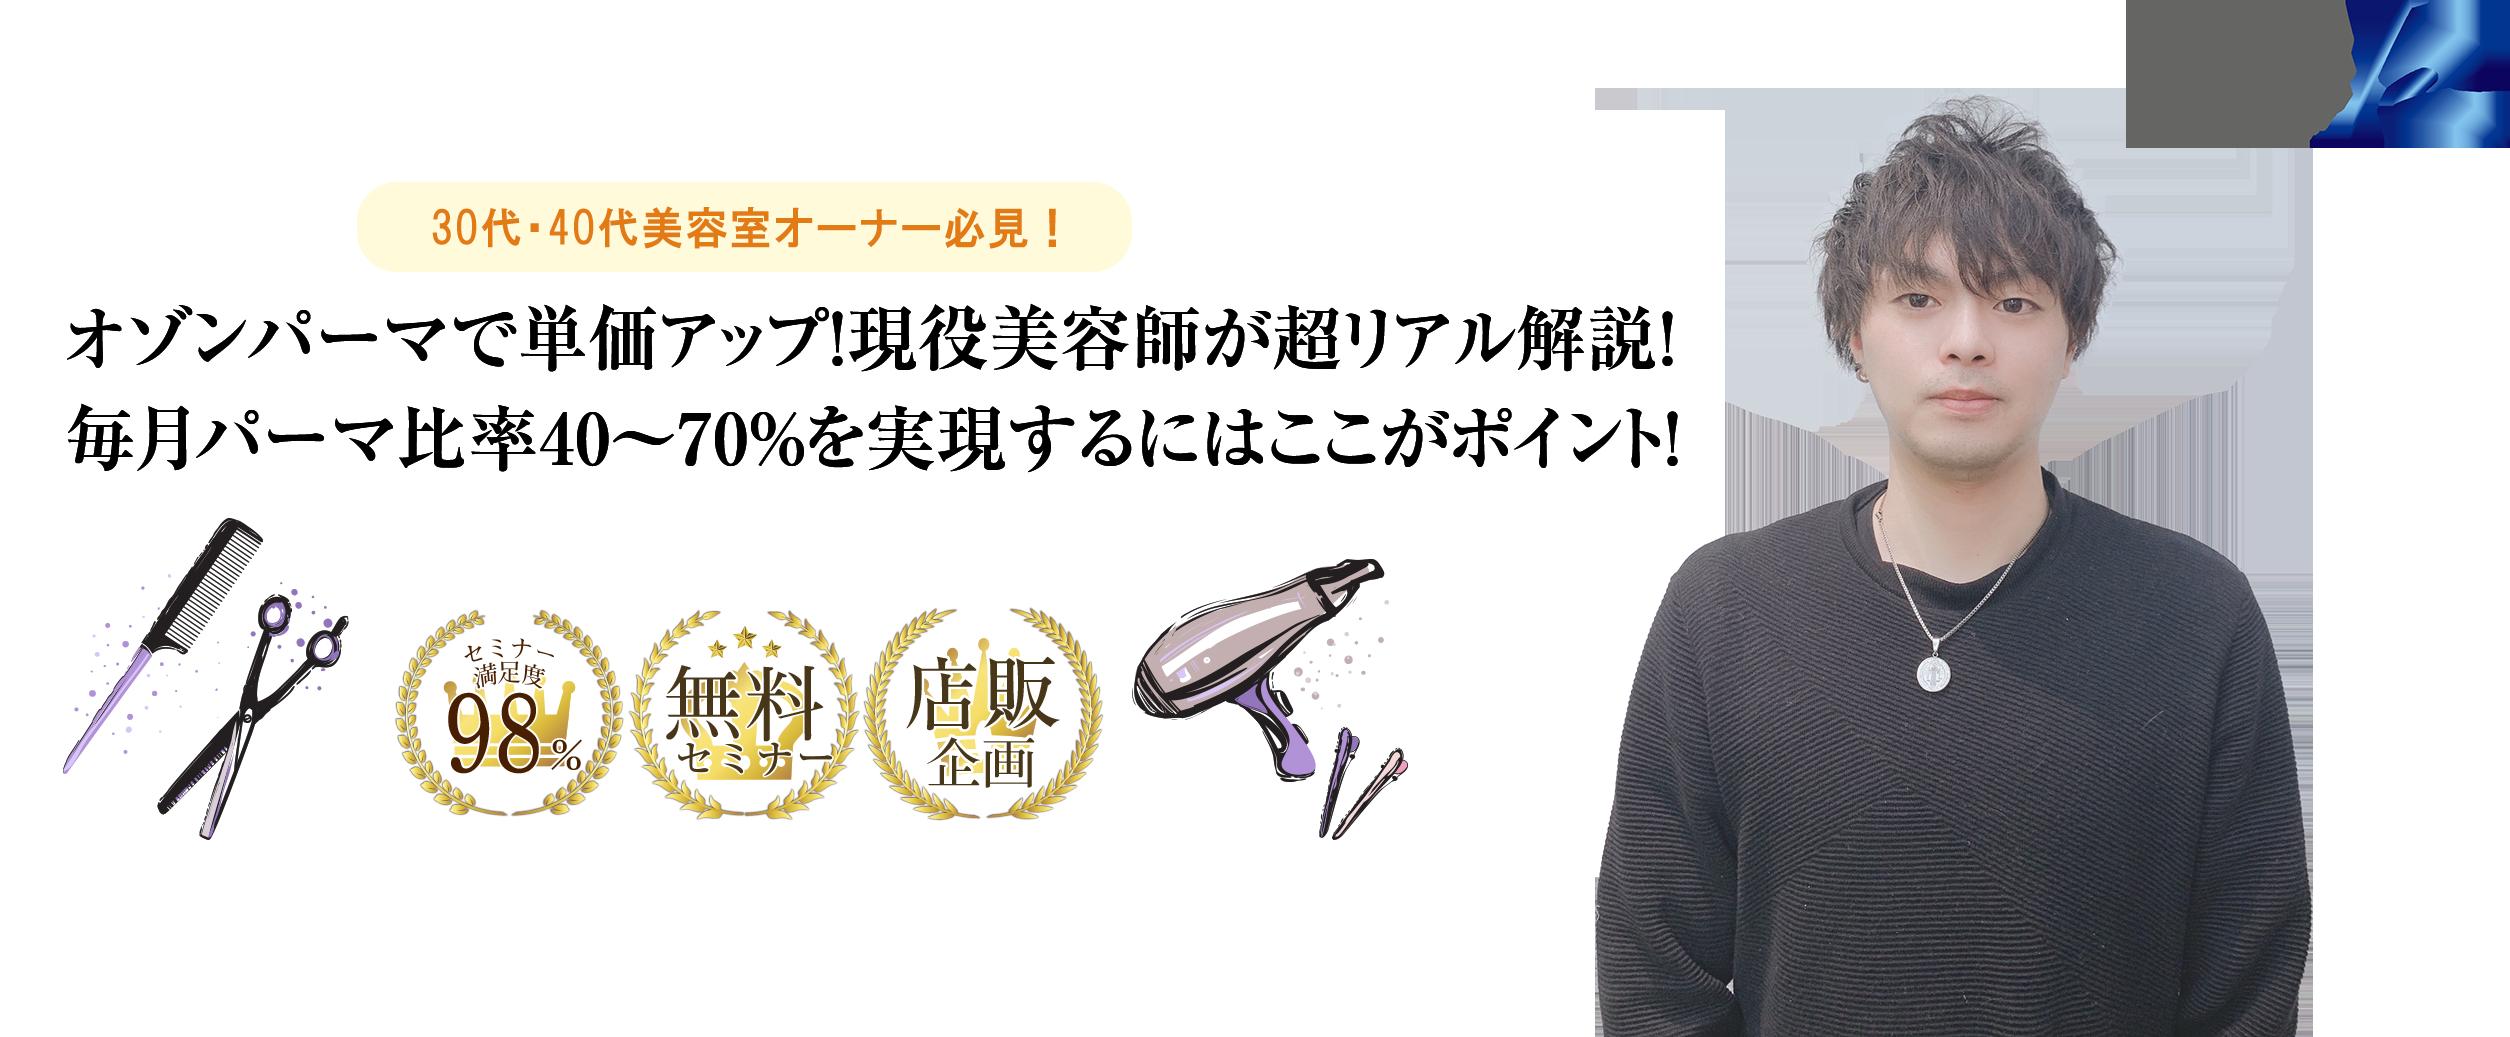 オゾンパーマで単価アップ!現役美容師が超リアル解説!毎月パーマ比率40〜70%を実現するにはここがポイント!